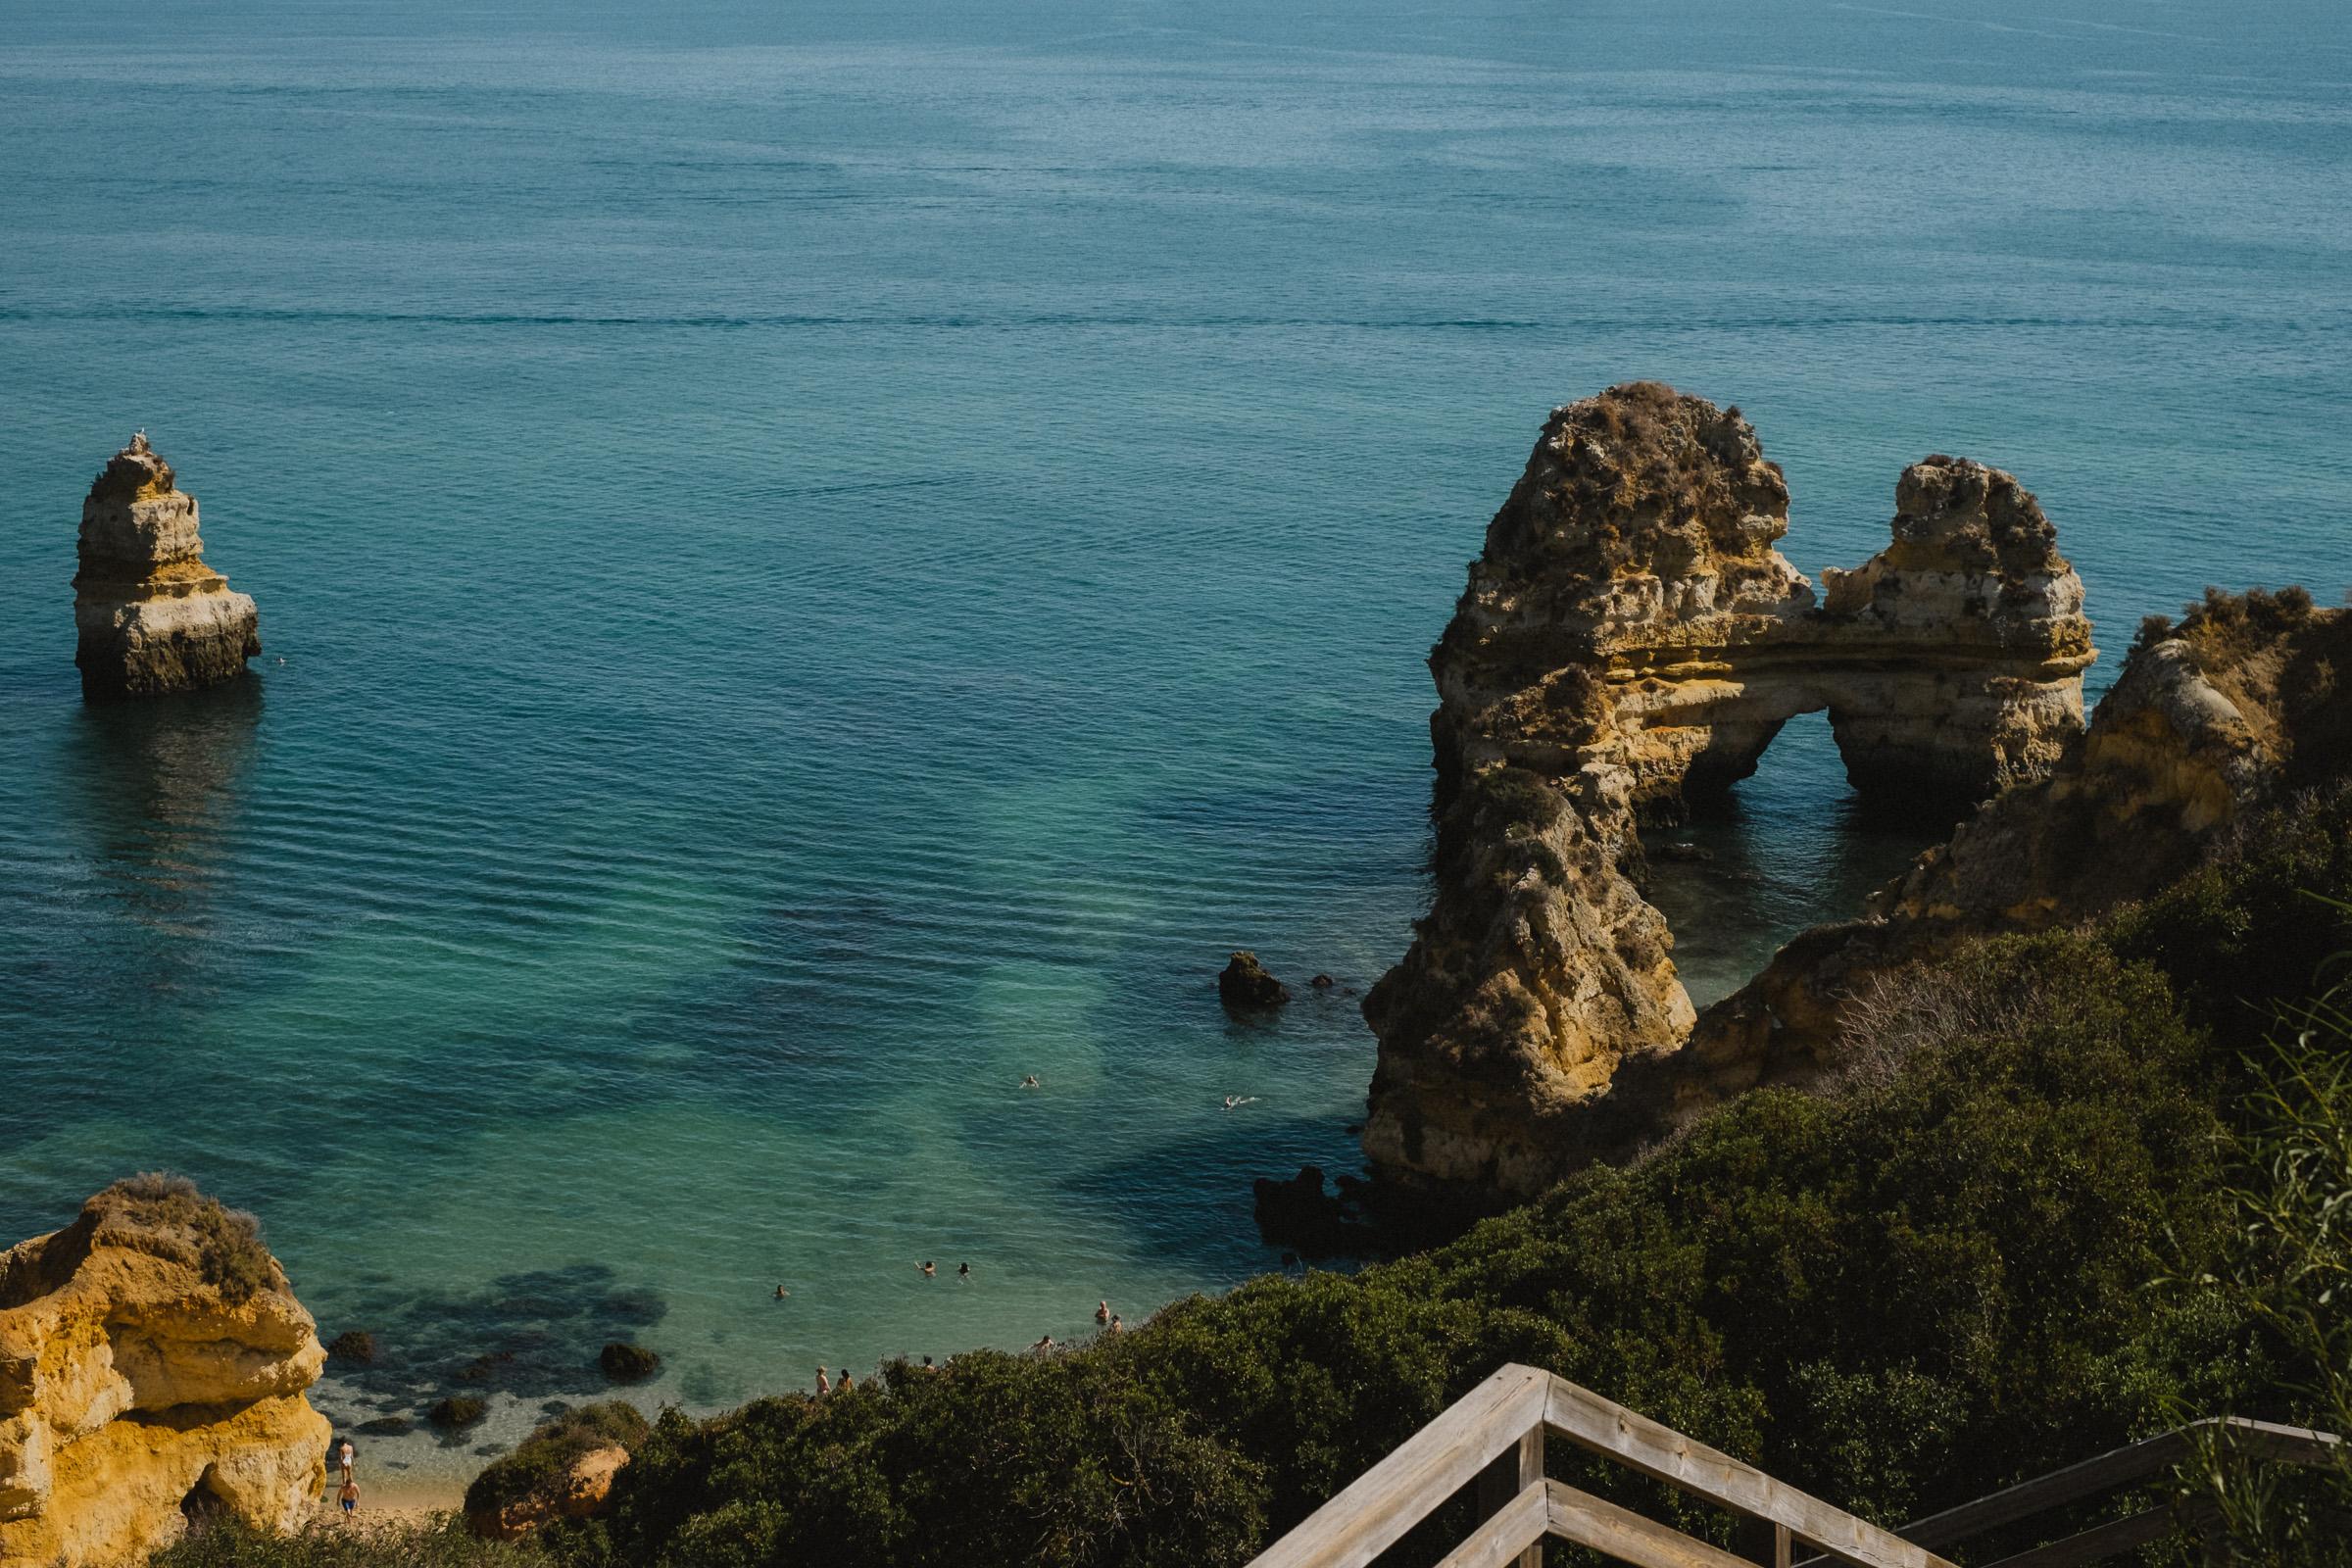 Looking over Praia do Camilo.